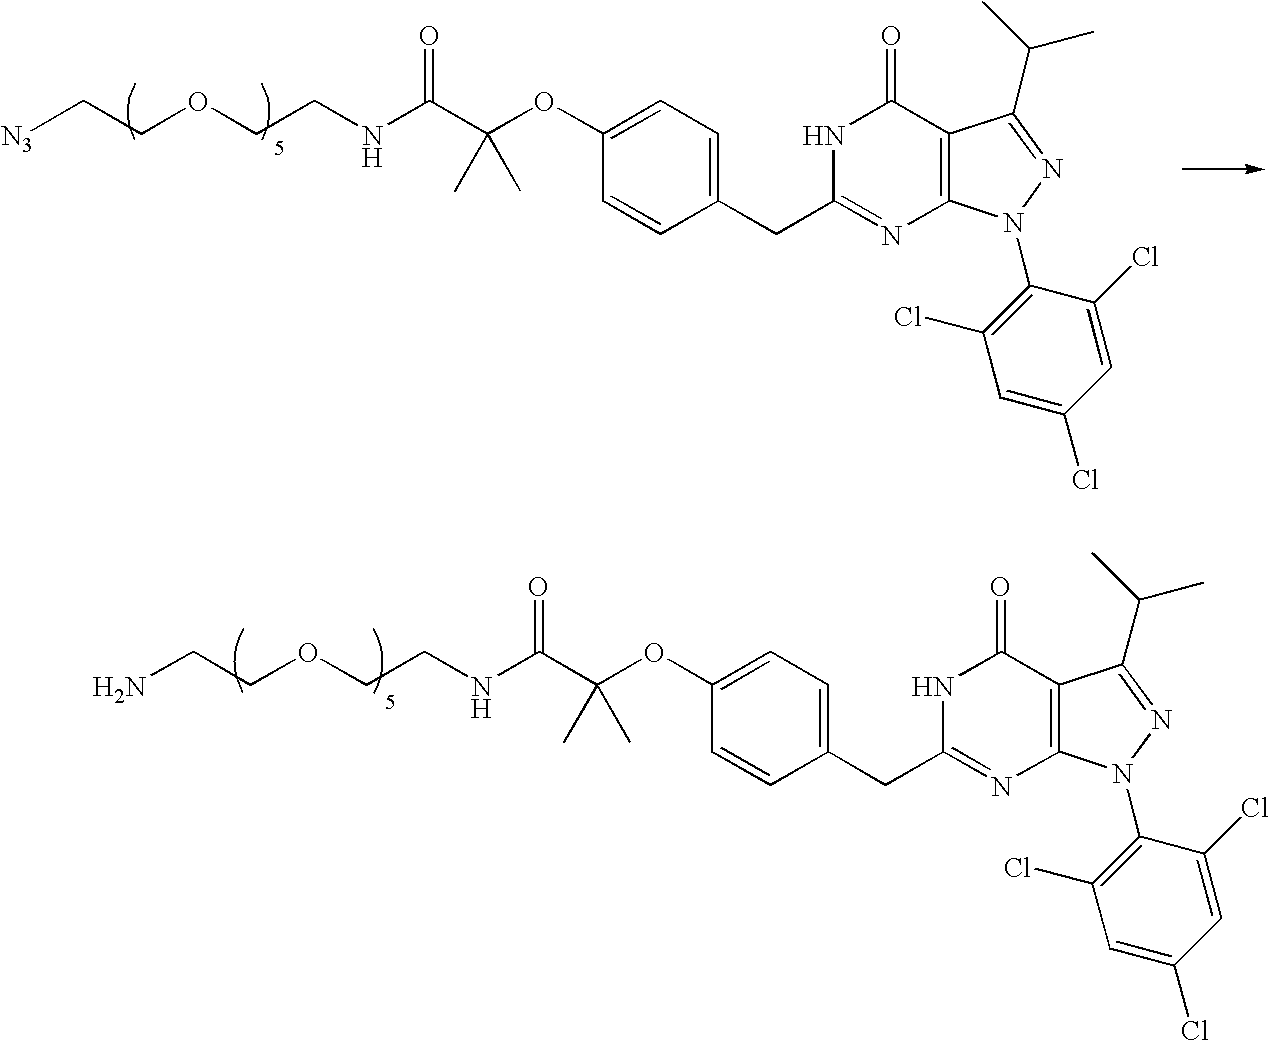 Figure US07605175-20091020-C00063